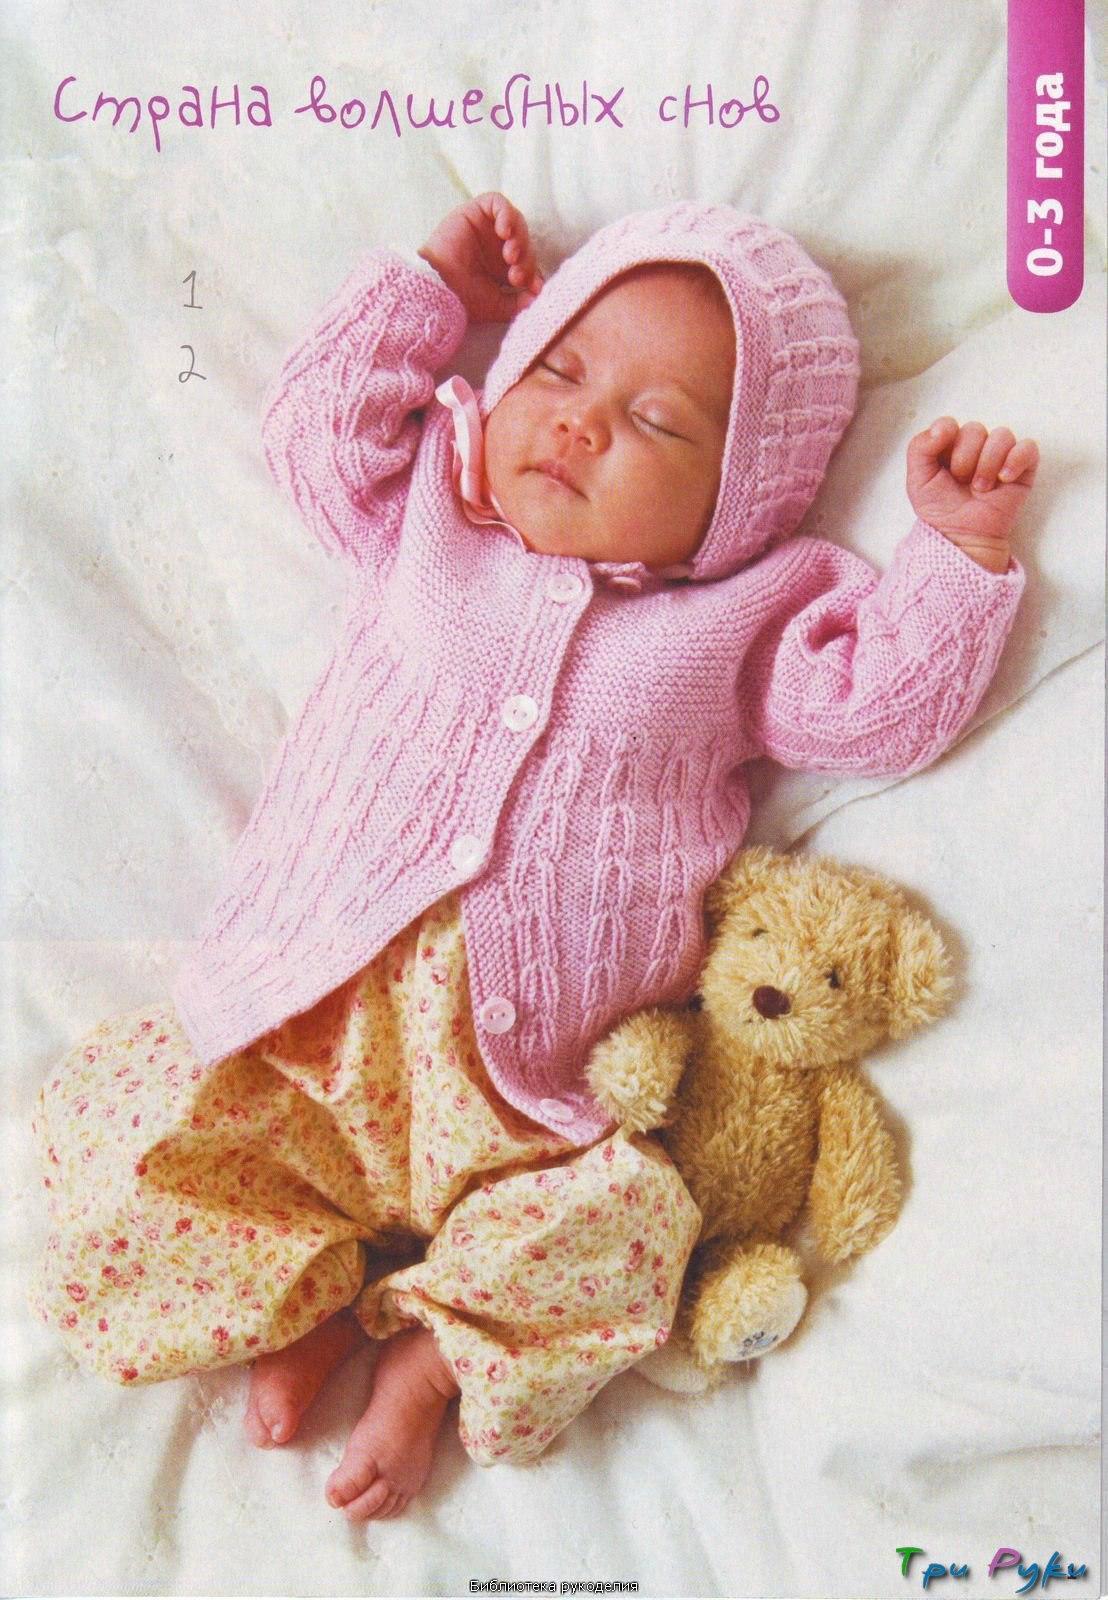 Для малыша чепчик и жакет (2)